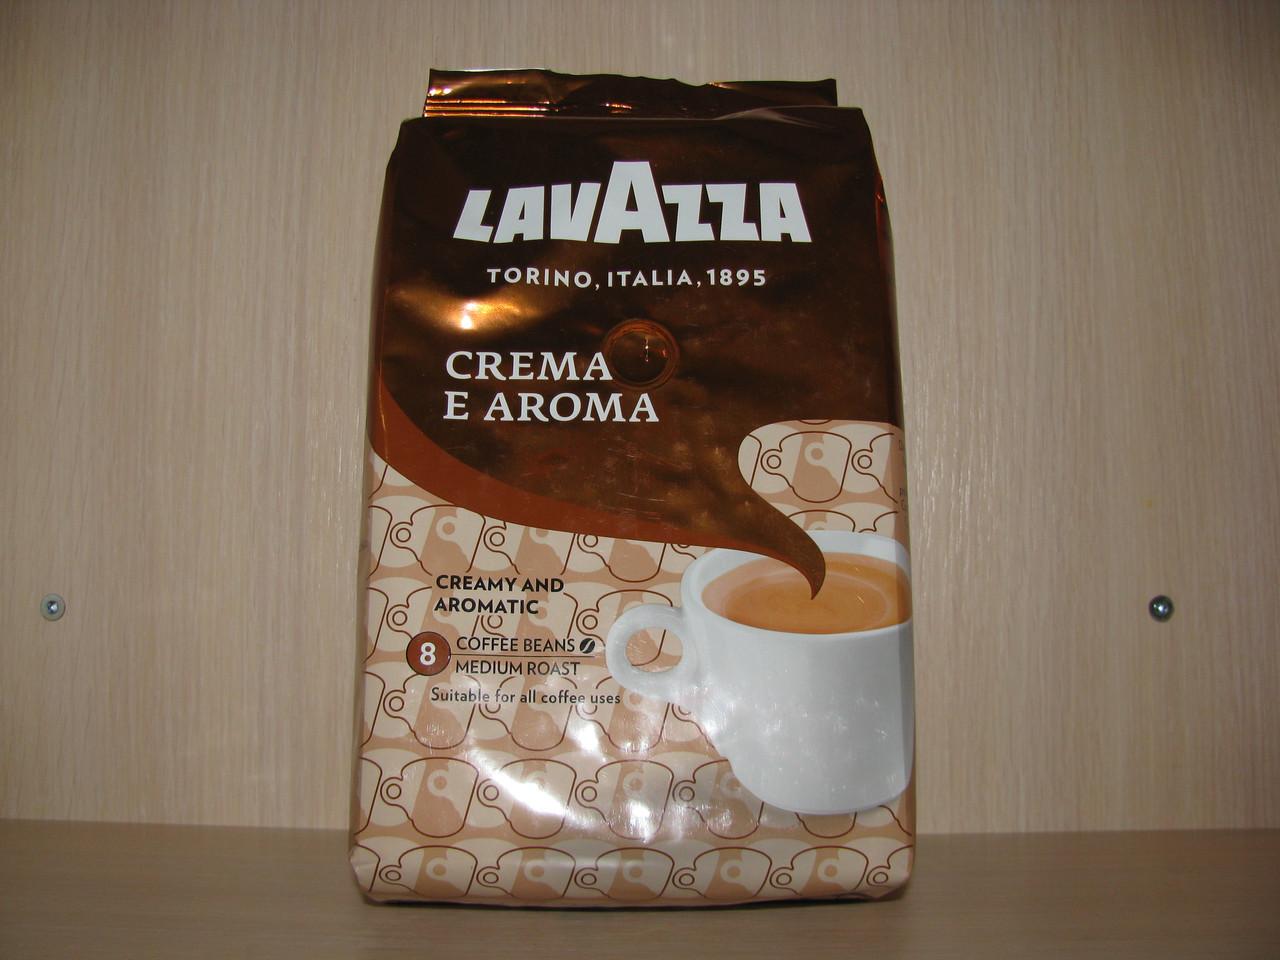 Кофе Lavazza Crema е Aroma - 1 кг (зерно) Новая упаковка